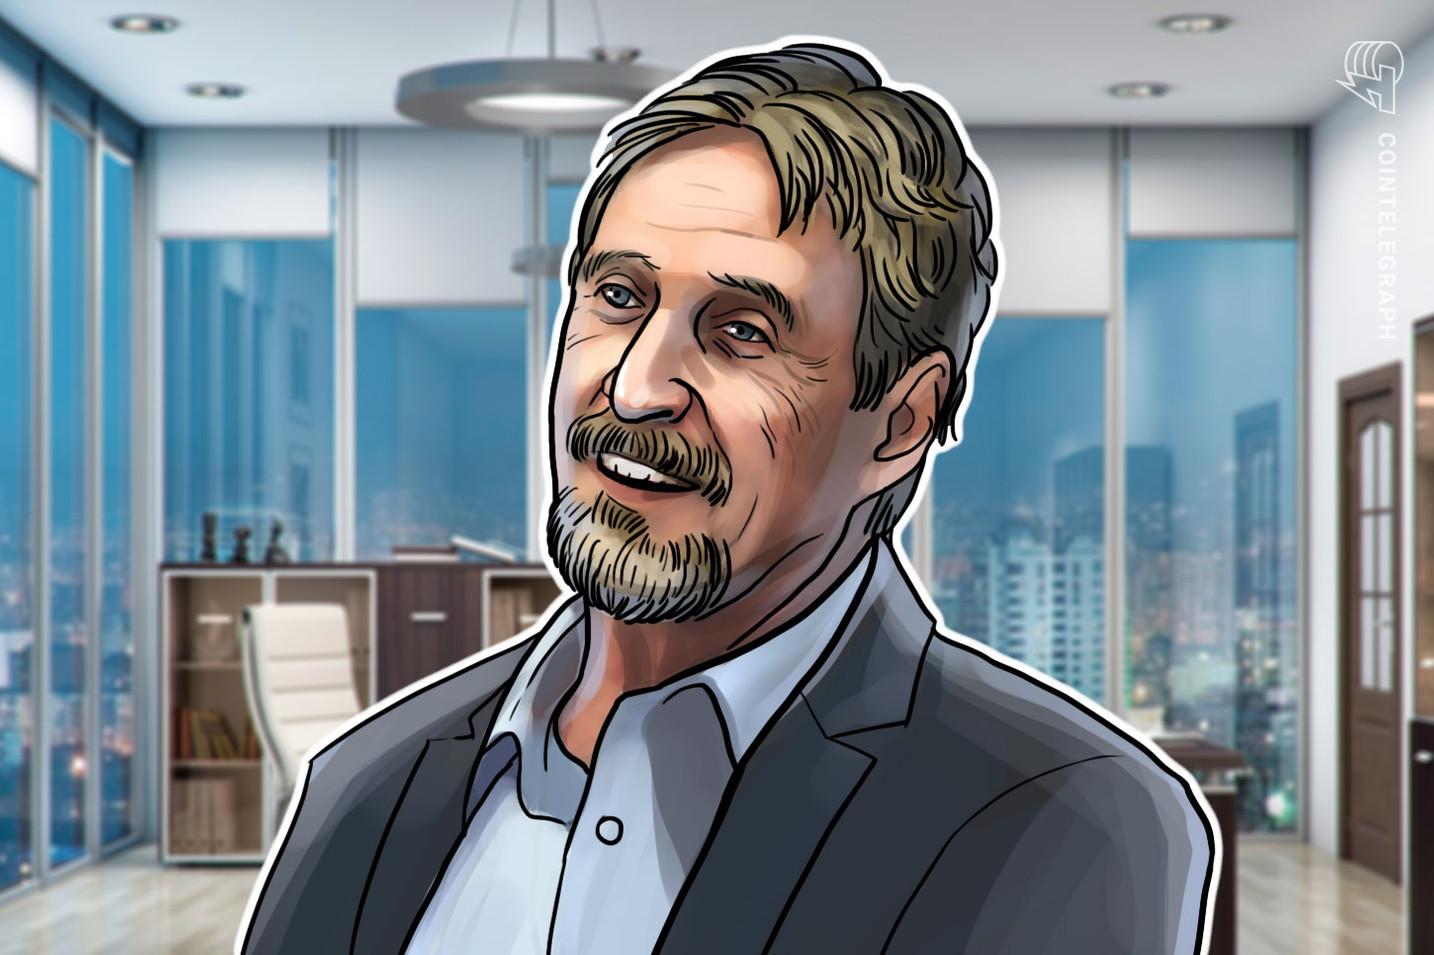 ジョン・マカフィー、ビットコイン100万ドル予測を据え置き|仮想通貨コミュニティの動揺に「笑っちまうぜ」